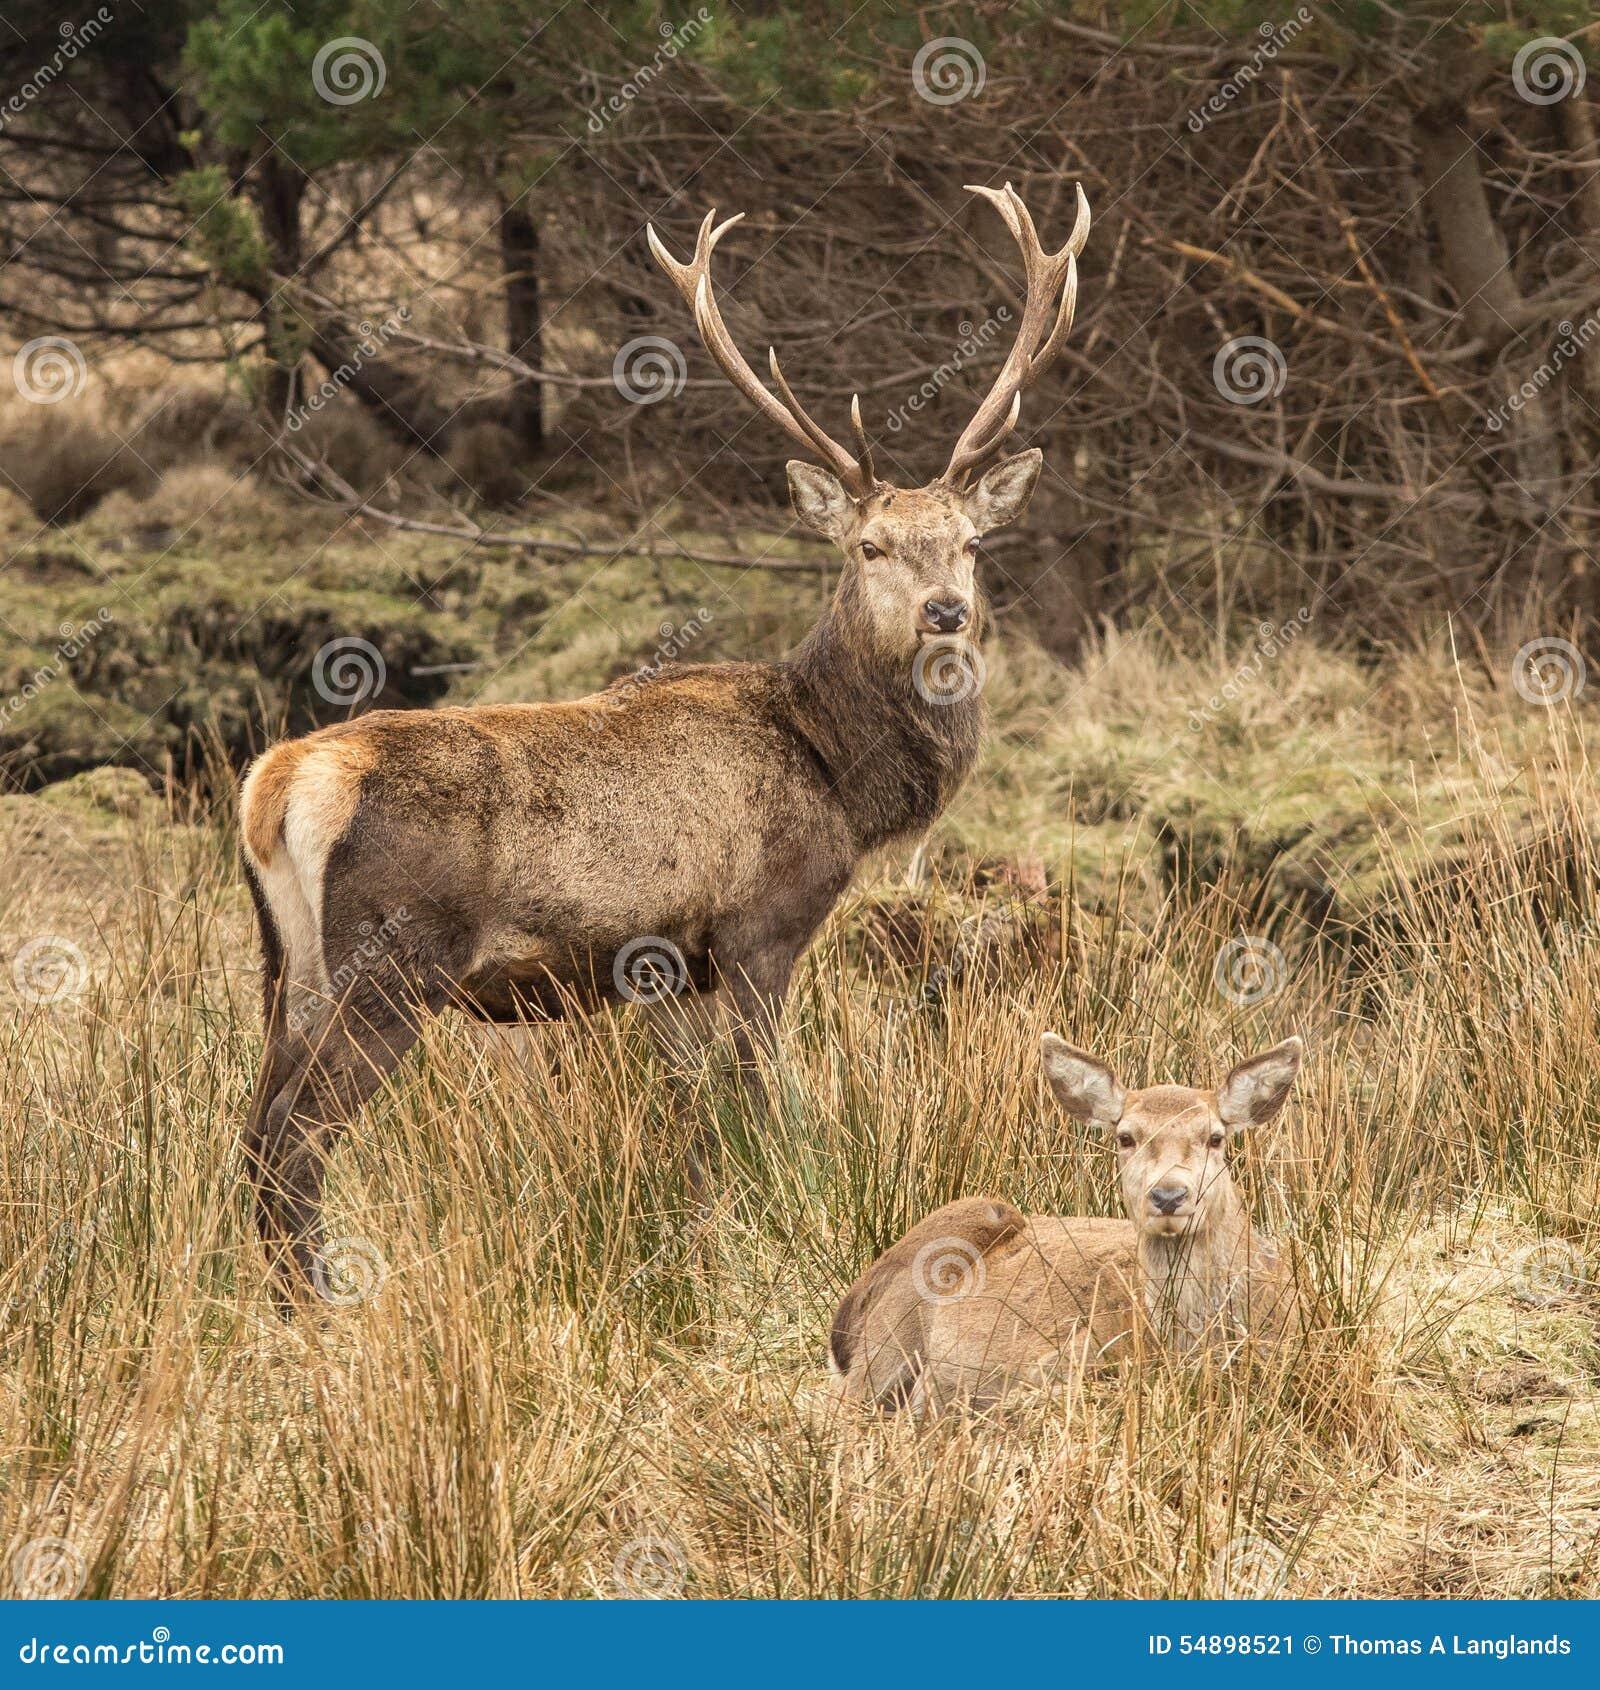 red deer dating website